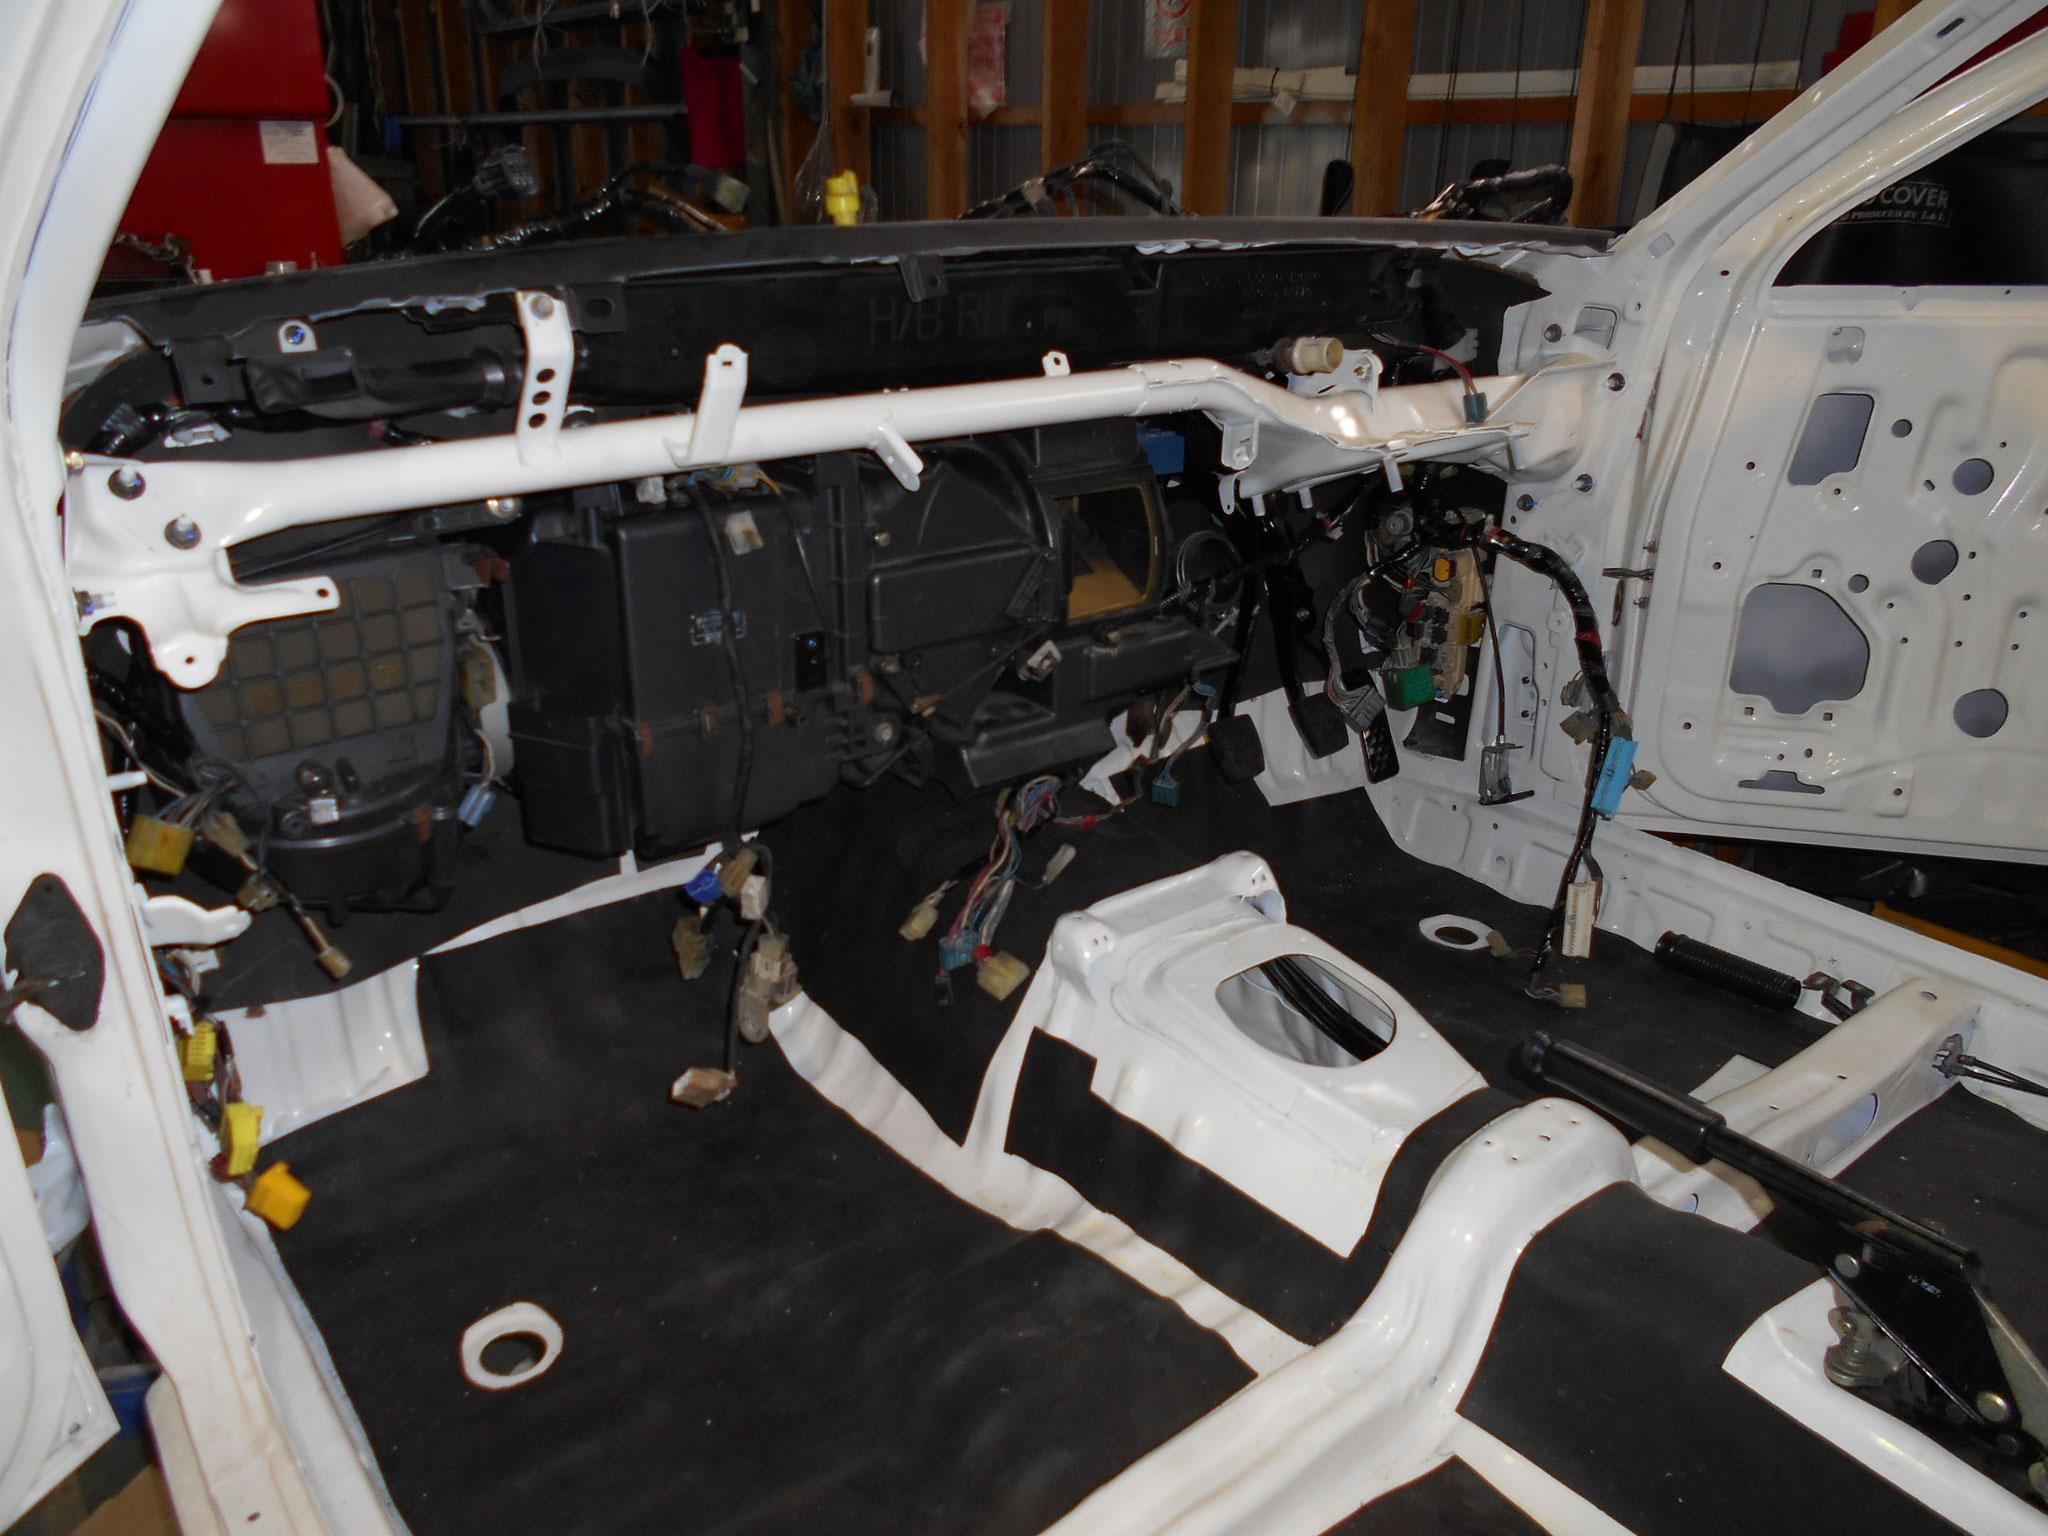 AE86 3Dトレノ レストア